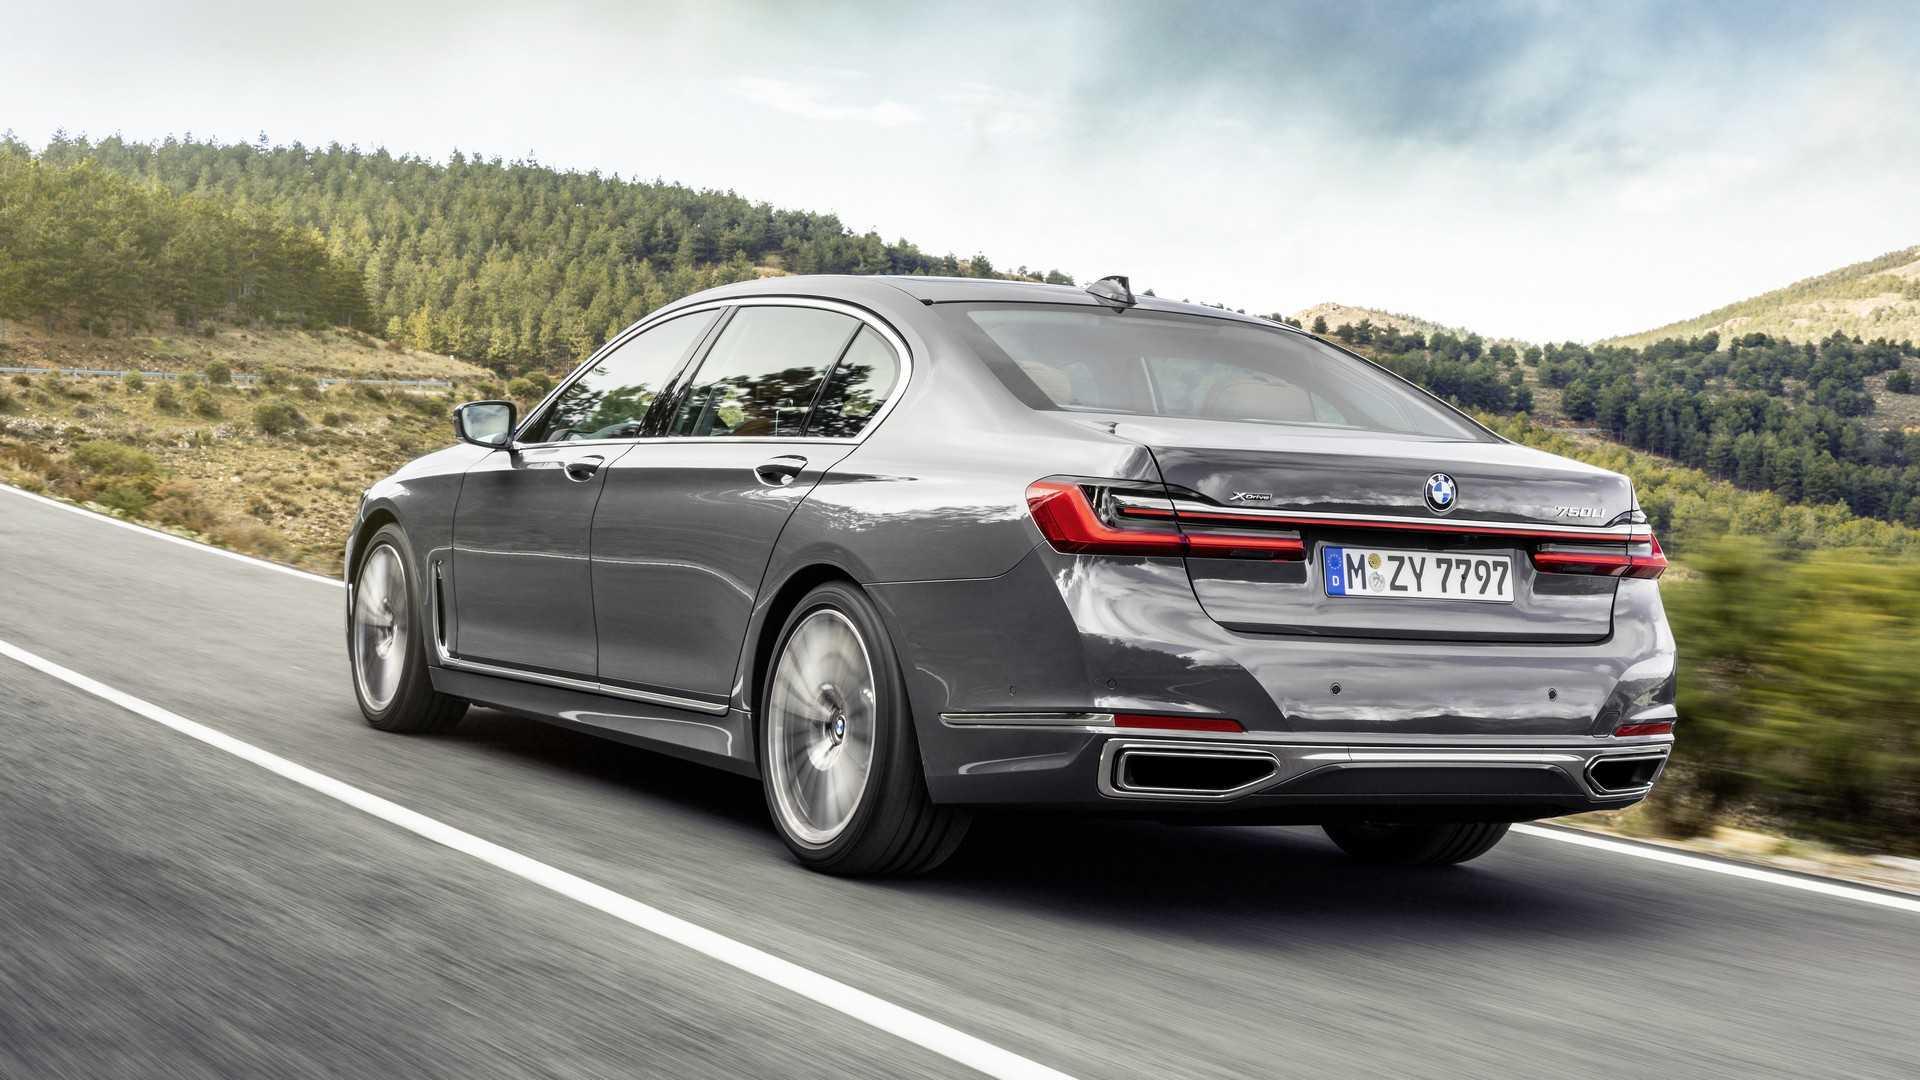 BMW 7 Series thế hệ mới sẽ có thêm bản chạy điện hoàn toàn - 22